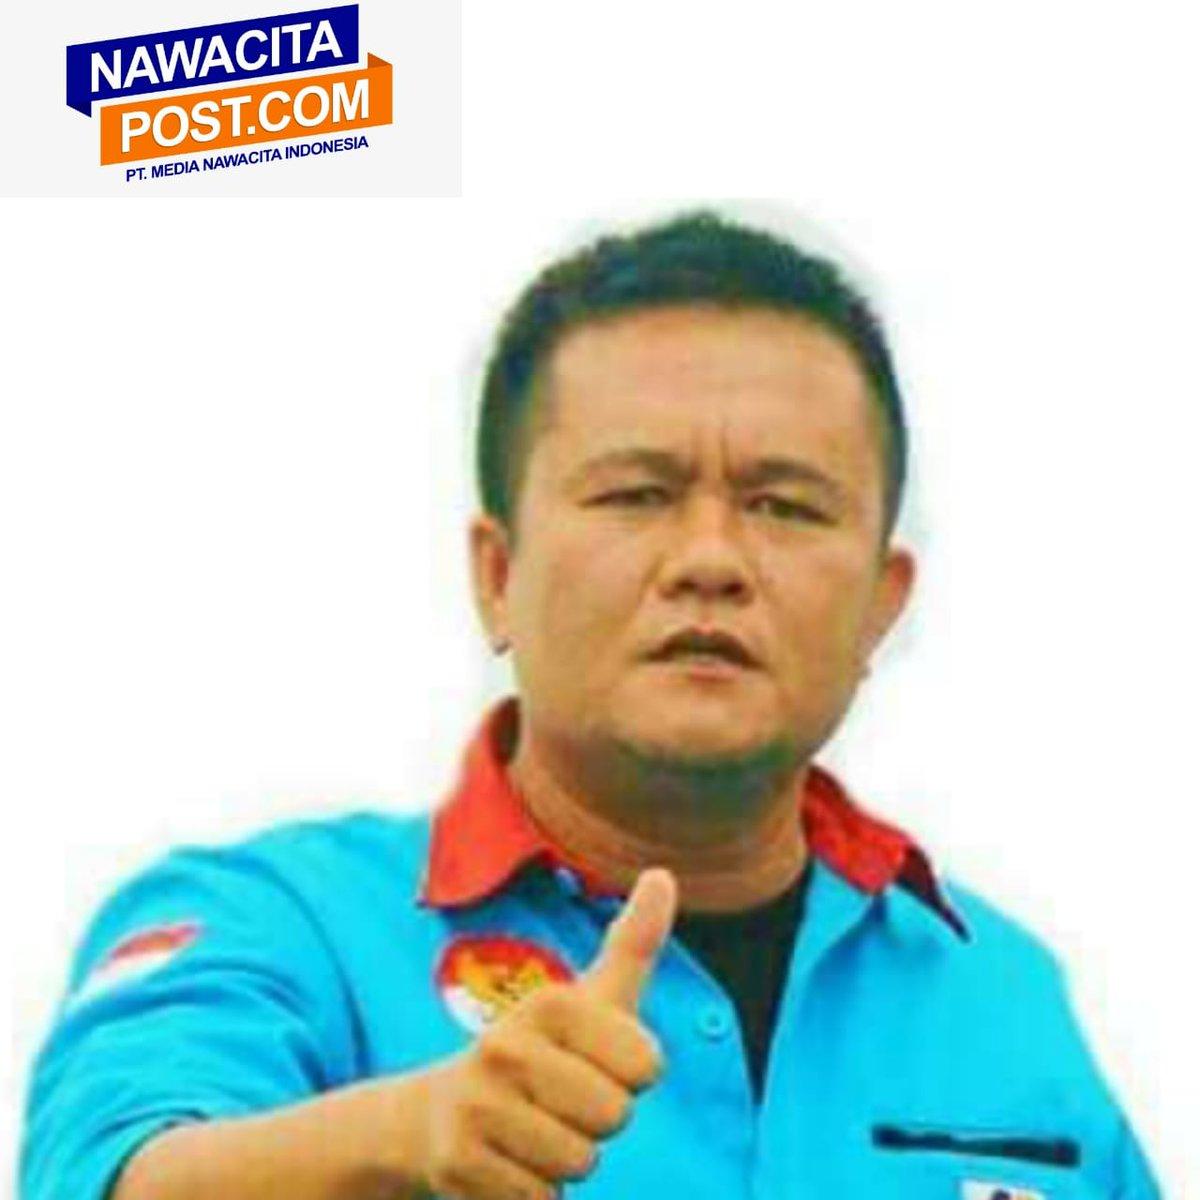 Kariaman Zebua, S.Pd., MM: Nawacitapost hadir sebagai Agent of Change - https://nawacitapost.com/daerah/2019/09/18/kariaman-zebua-s-pd-mm-nawacitapost-hadir-sebagai-agent-of-change/…pic.twitter.com/e6GQGtUPRl